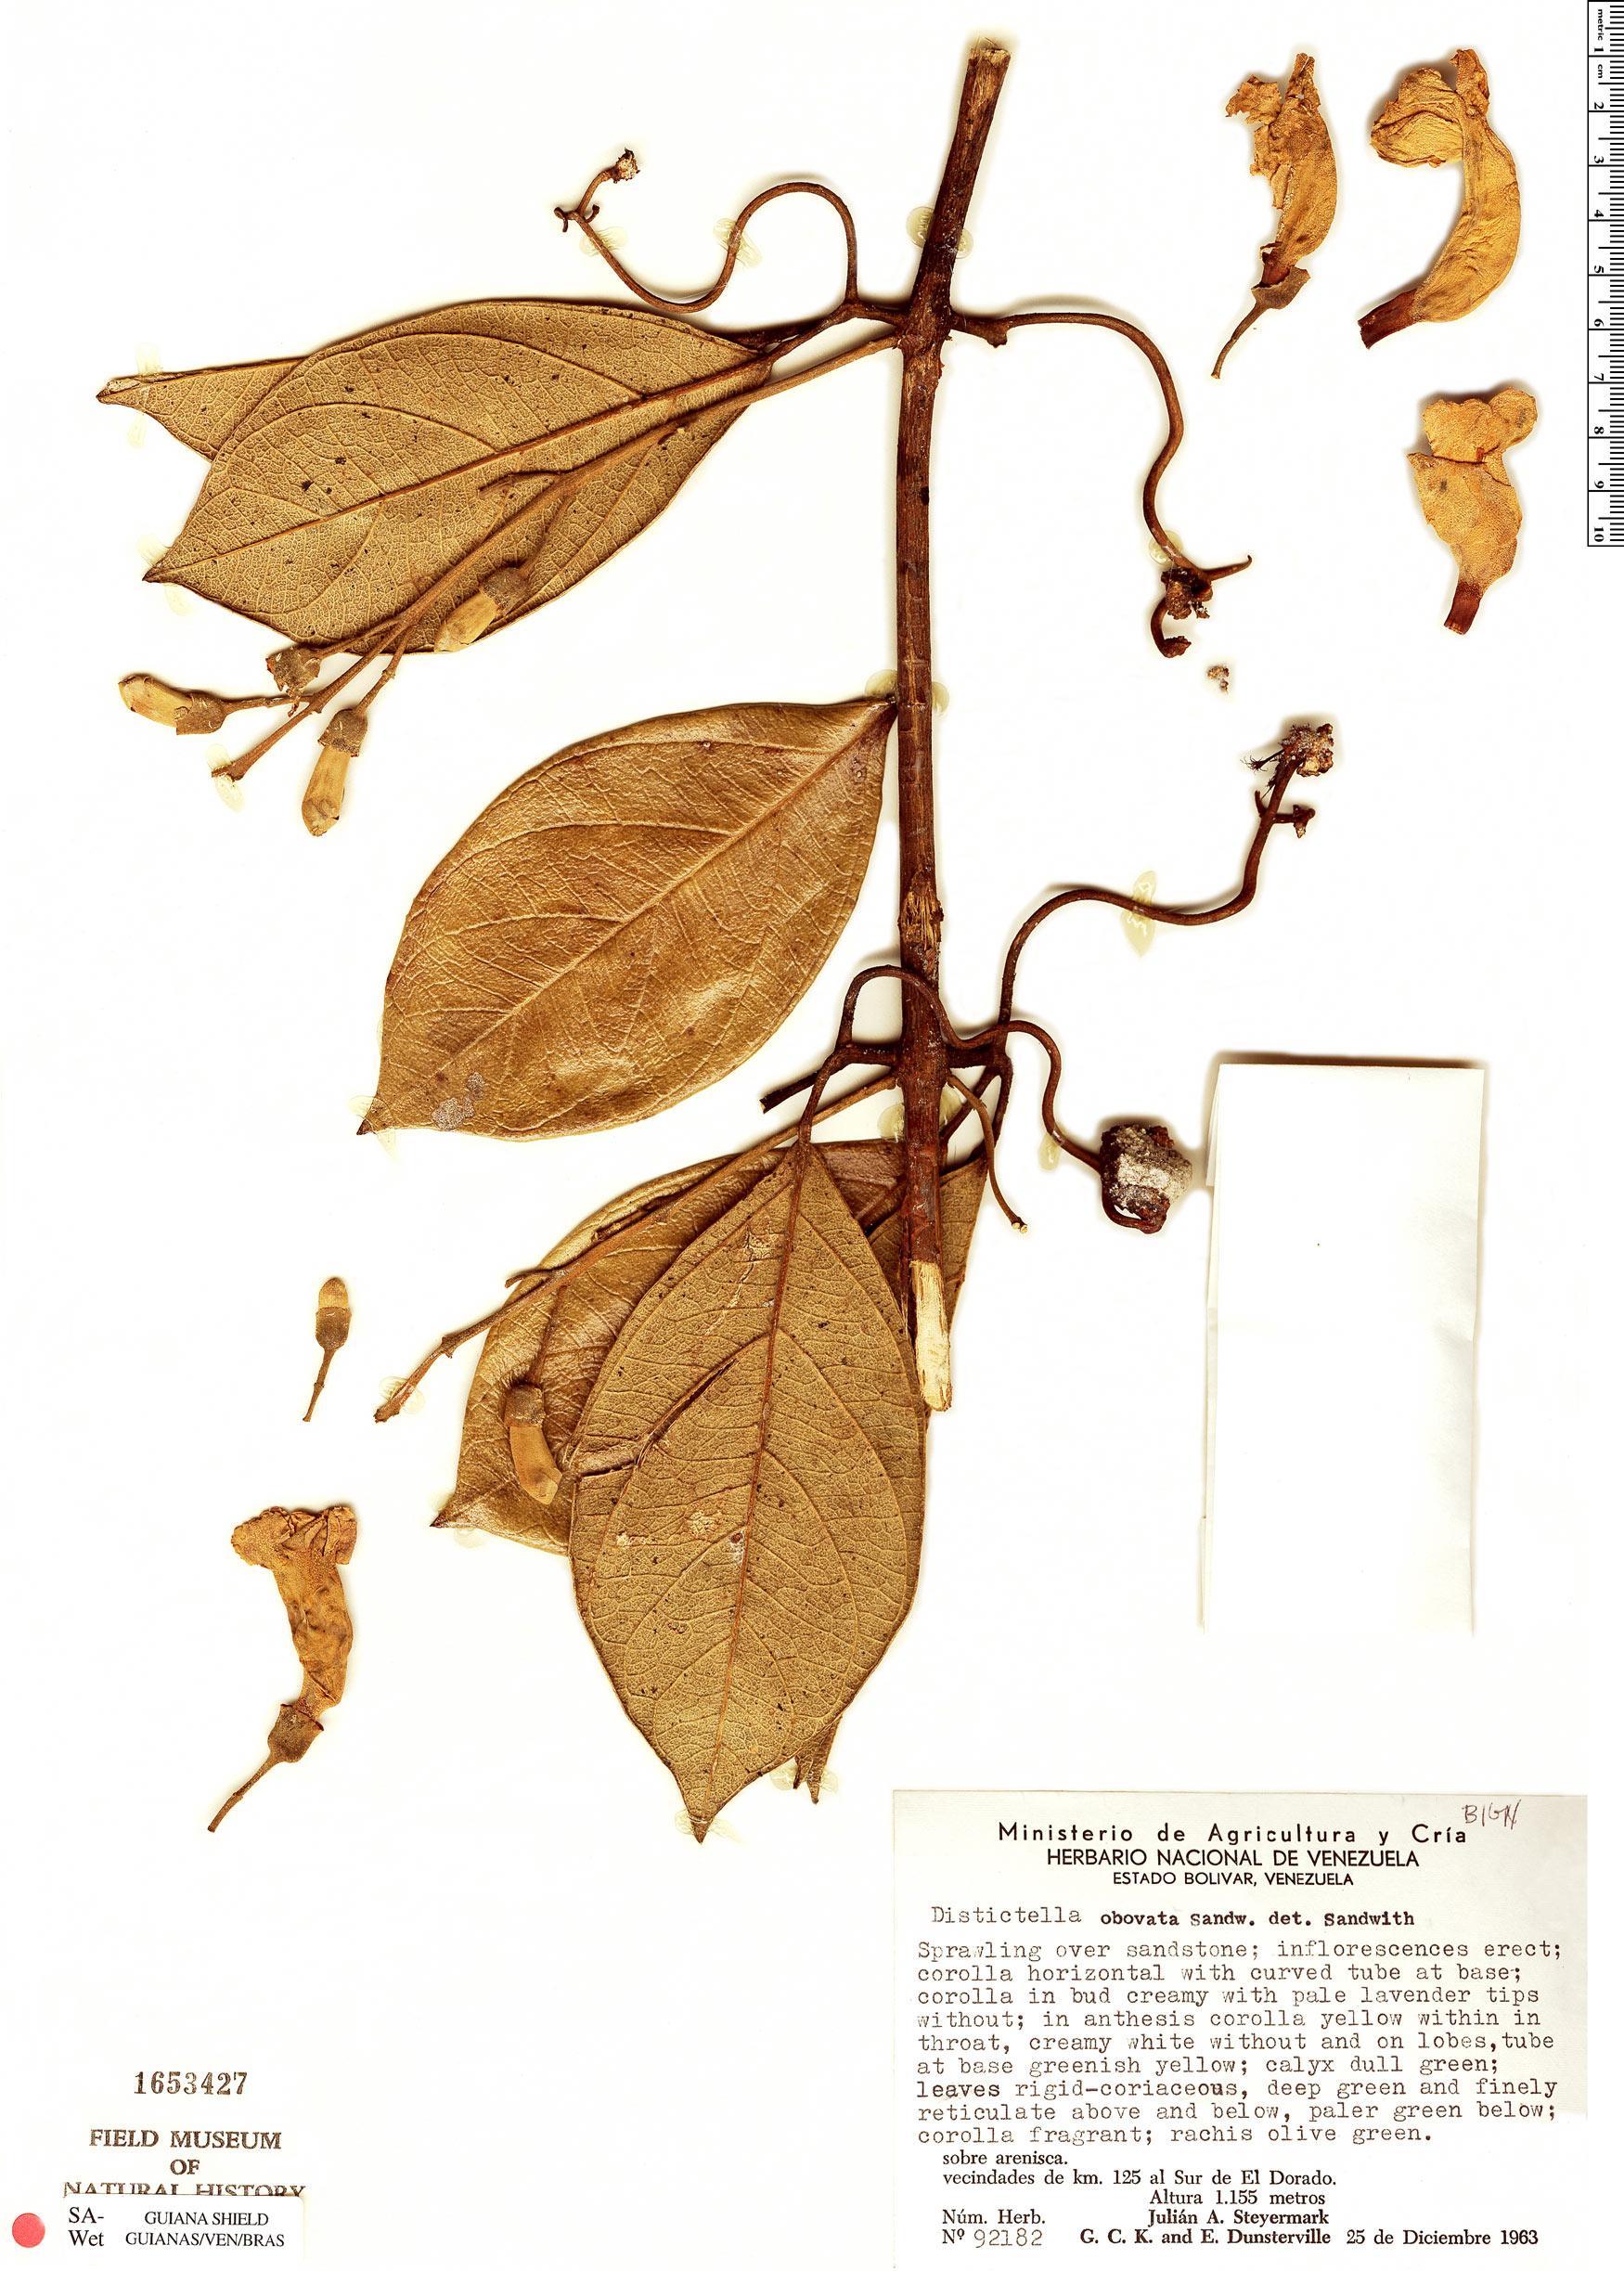 Specimen: Amphilophium obovatum